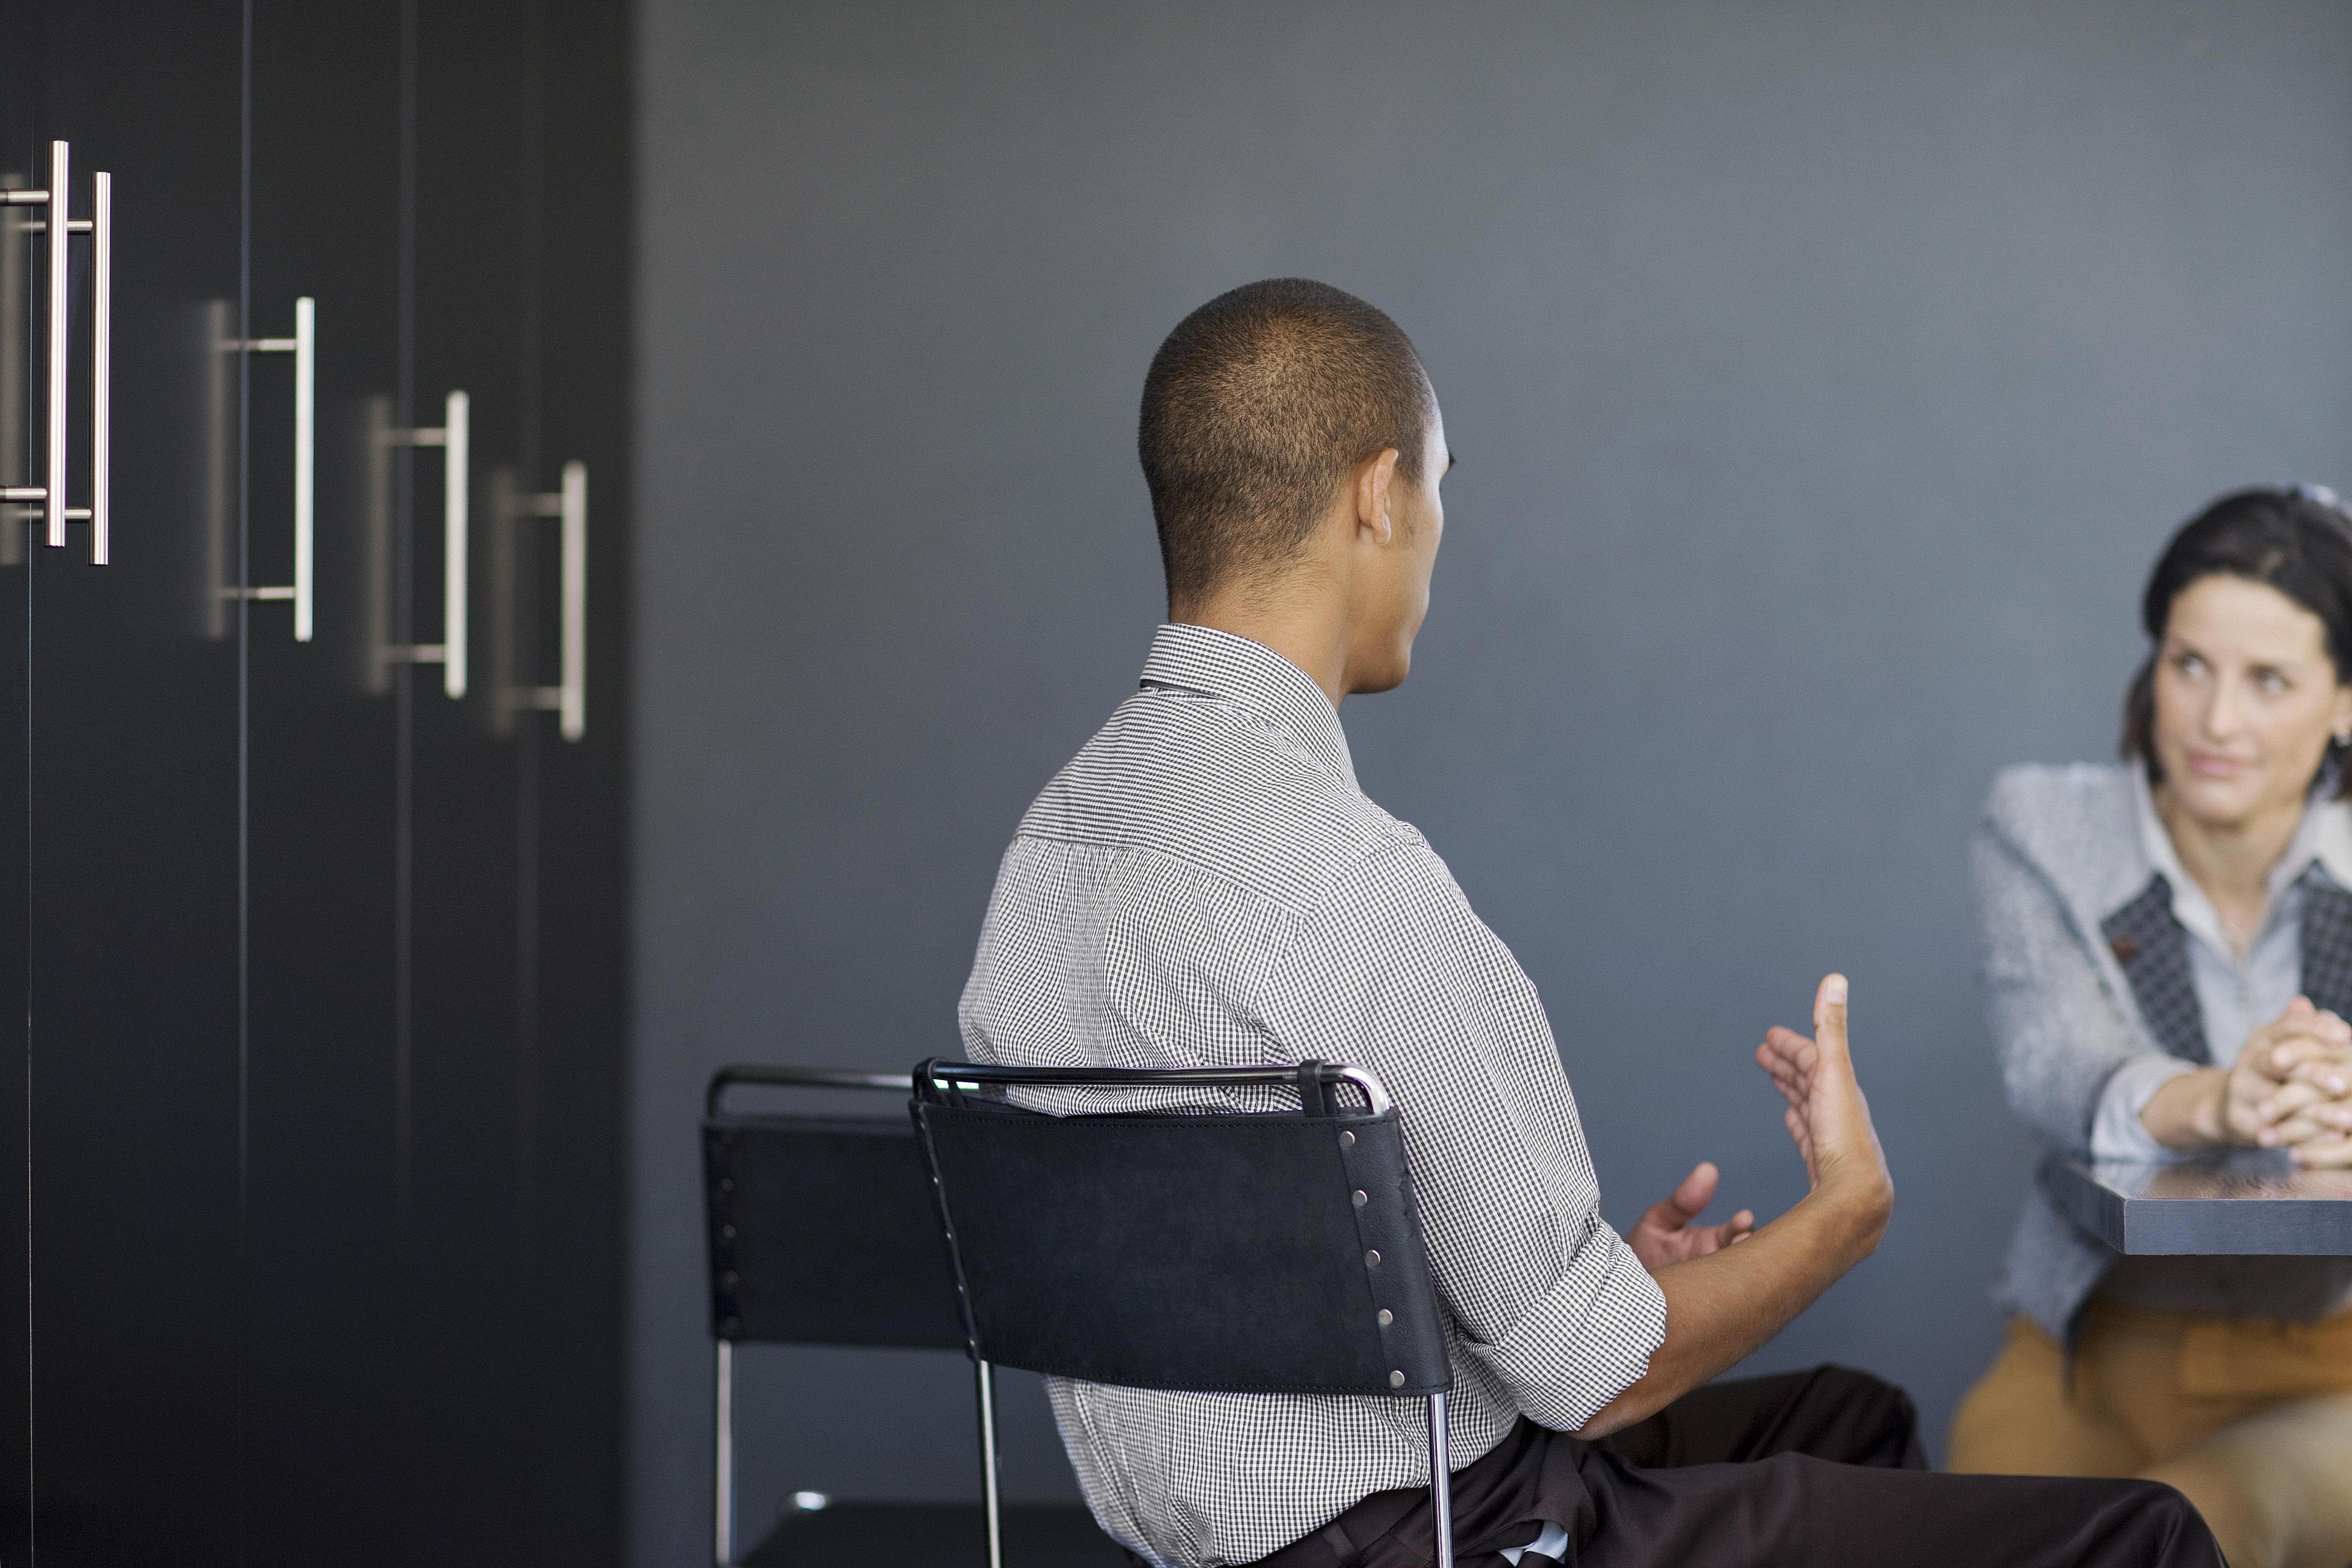 Профессия рекрутёра — кто это и чем он занимается